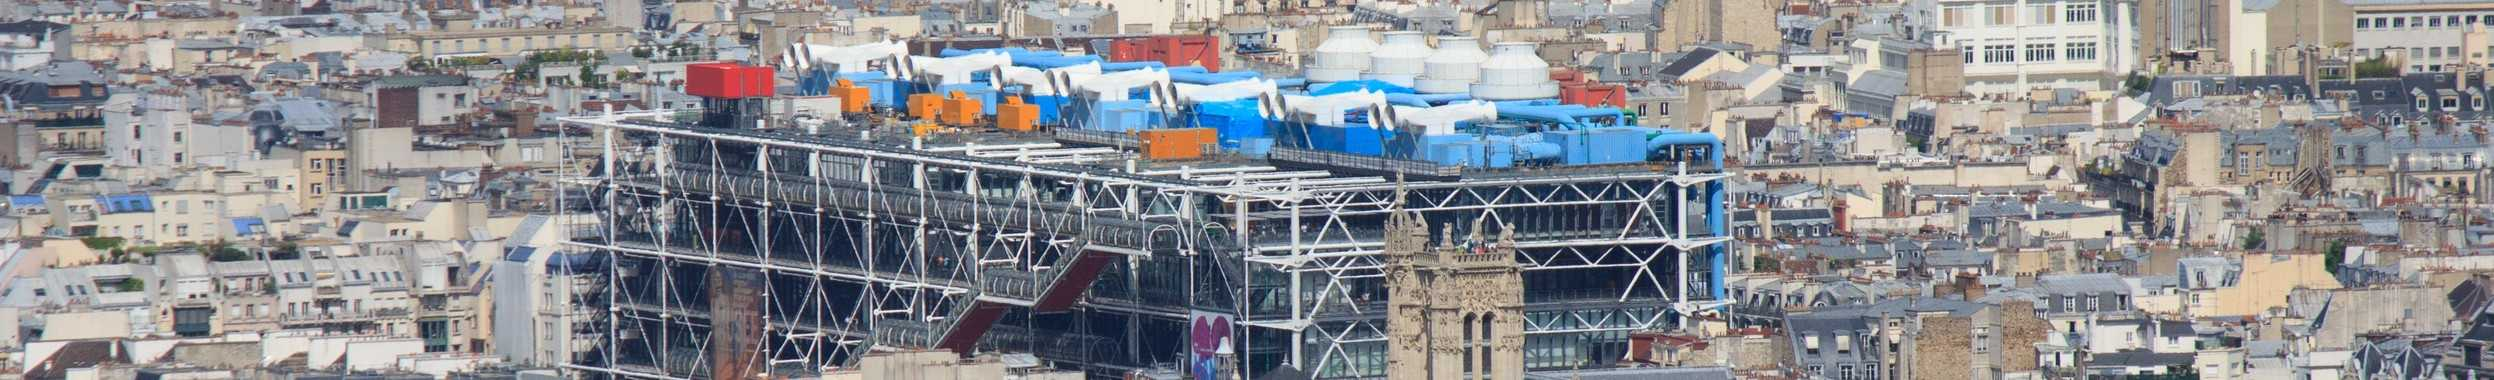 Vue du ciel du centre Pompidou du quartier Châtelet